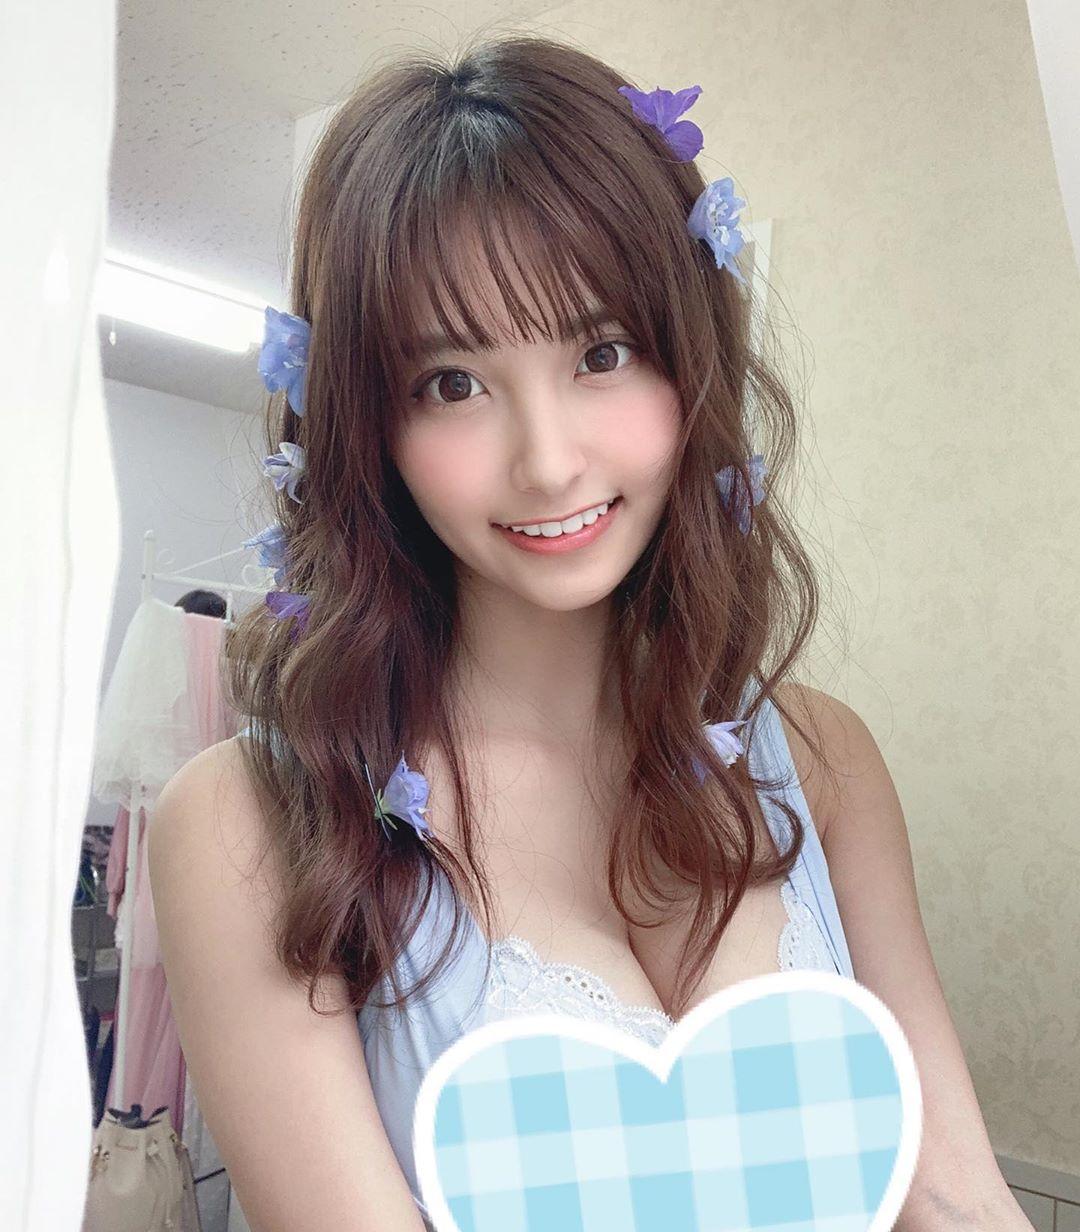 可愛い女の子 27